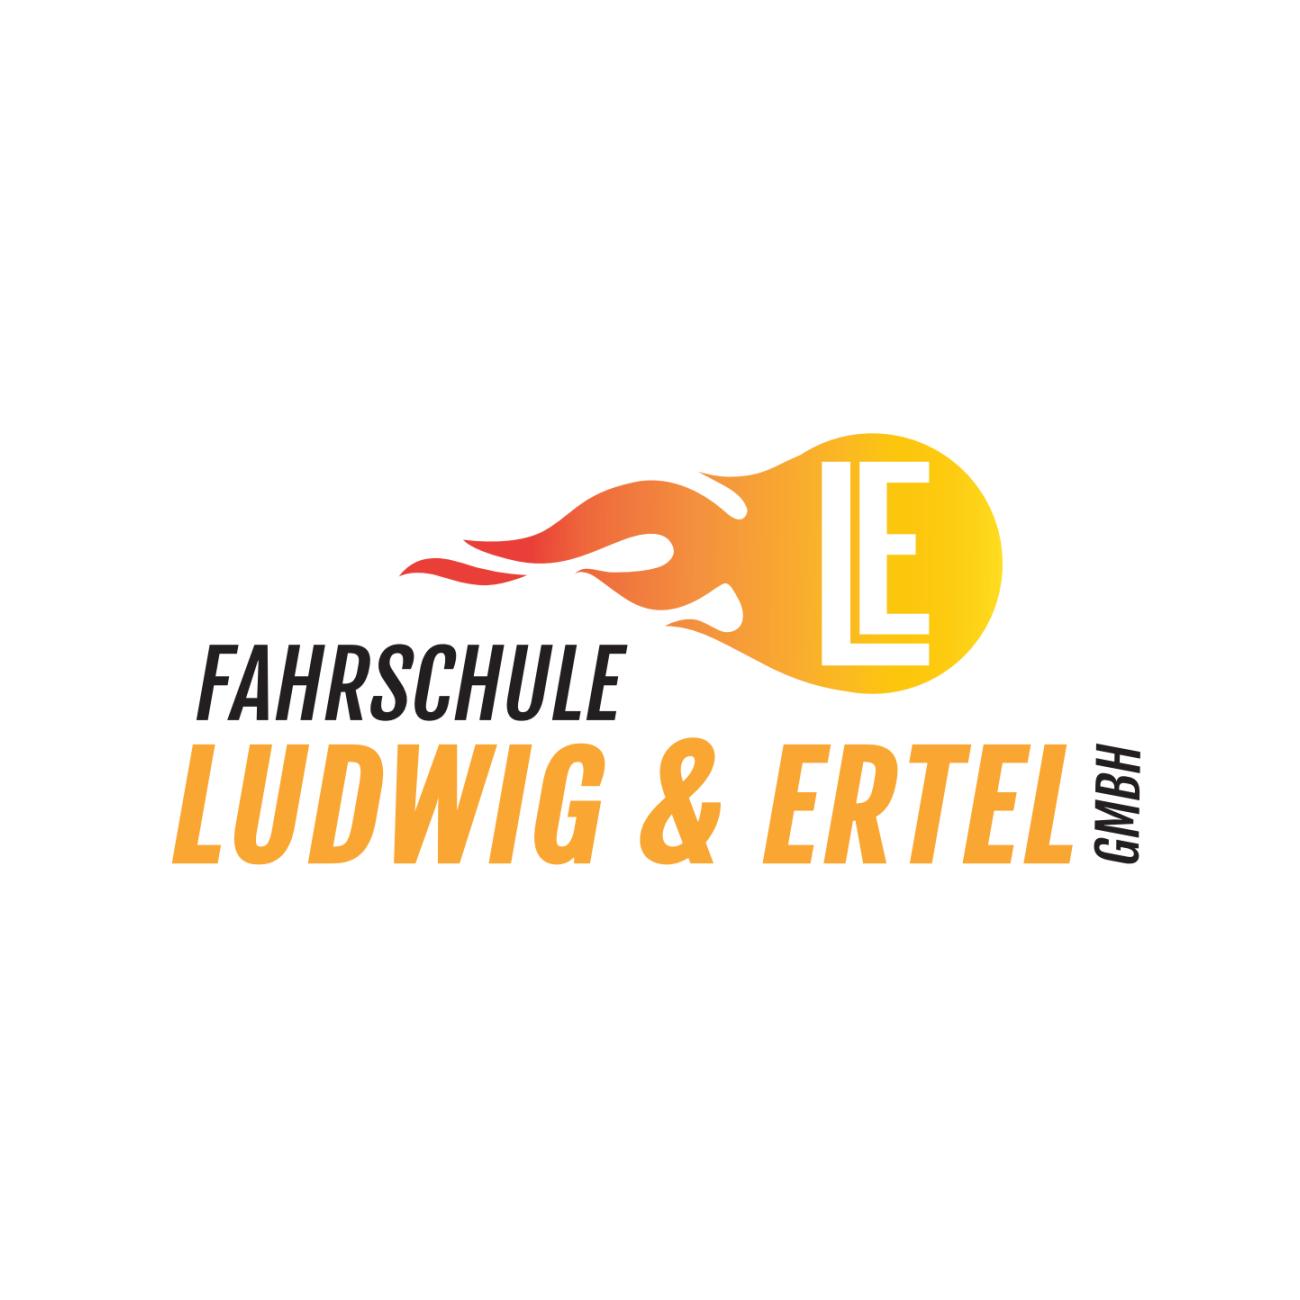 Bild zu Fahrschule Ludwig & Ertel GmbH in Schwarzenfeld